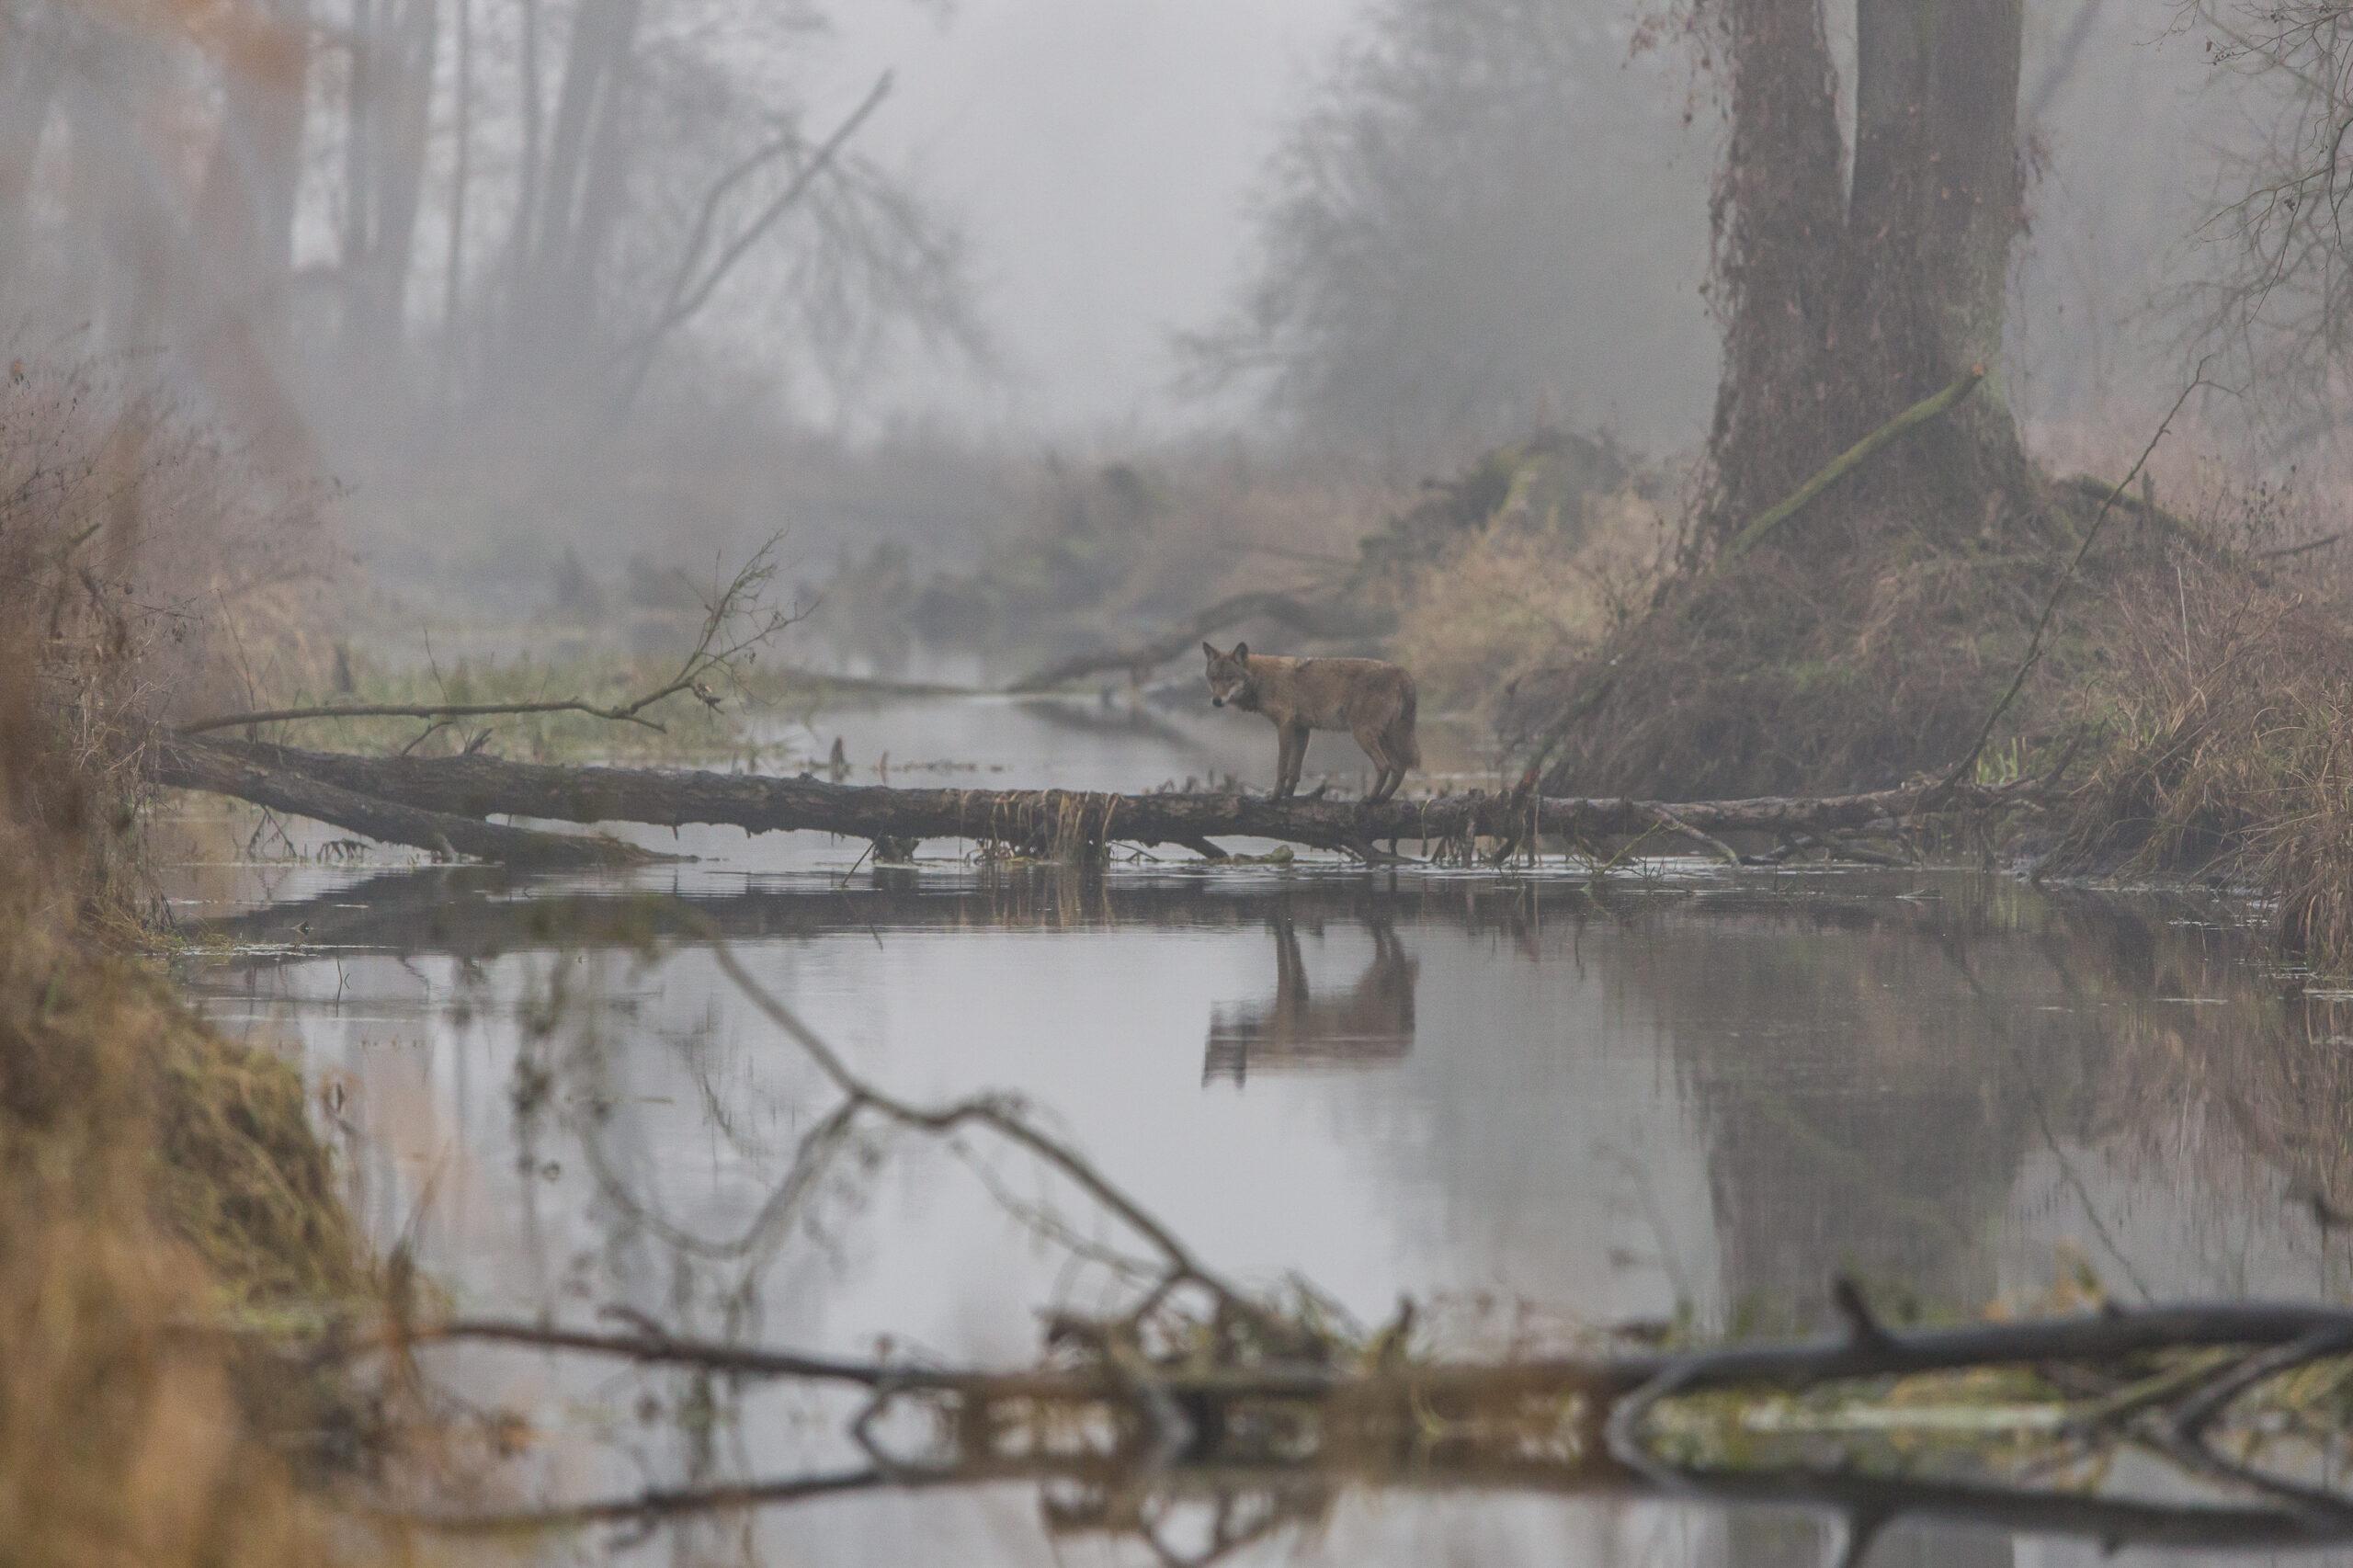 """I miejsce, kategoria wiekowa powyżej 20 lat, podkategoria przyrodnicze zdjęcie krajobrazowe – Cezary Kucharczyk """"Wilcza przeprawa"""""""